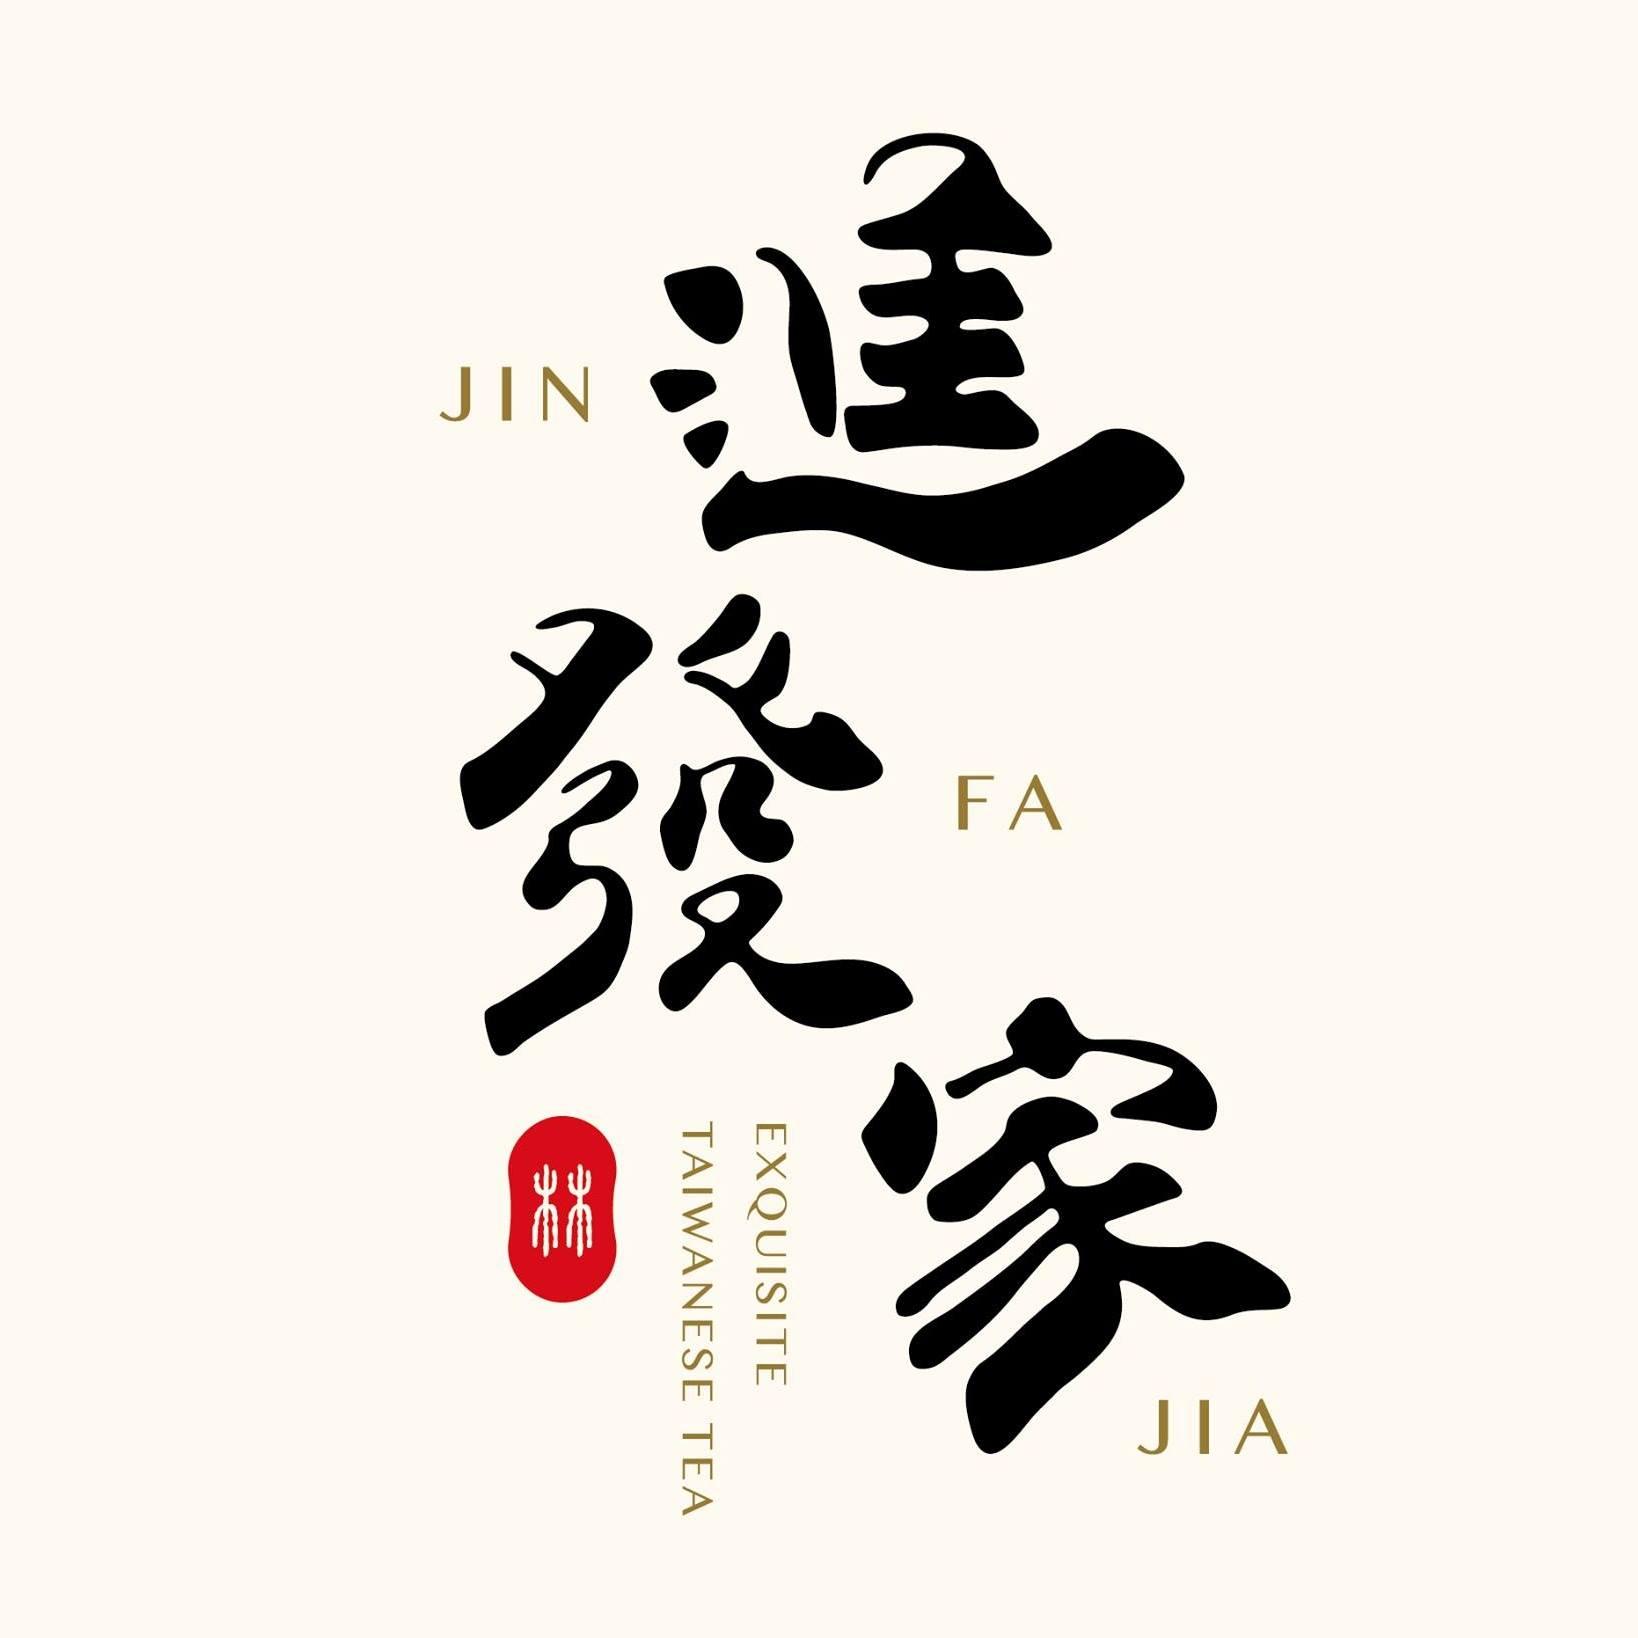 【菜單】進發家菜單|進發家2021年價目表|分店據點|進發家 Jin Fa Jia(6月更新)